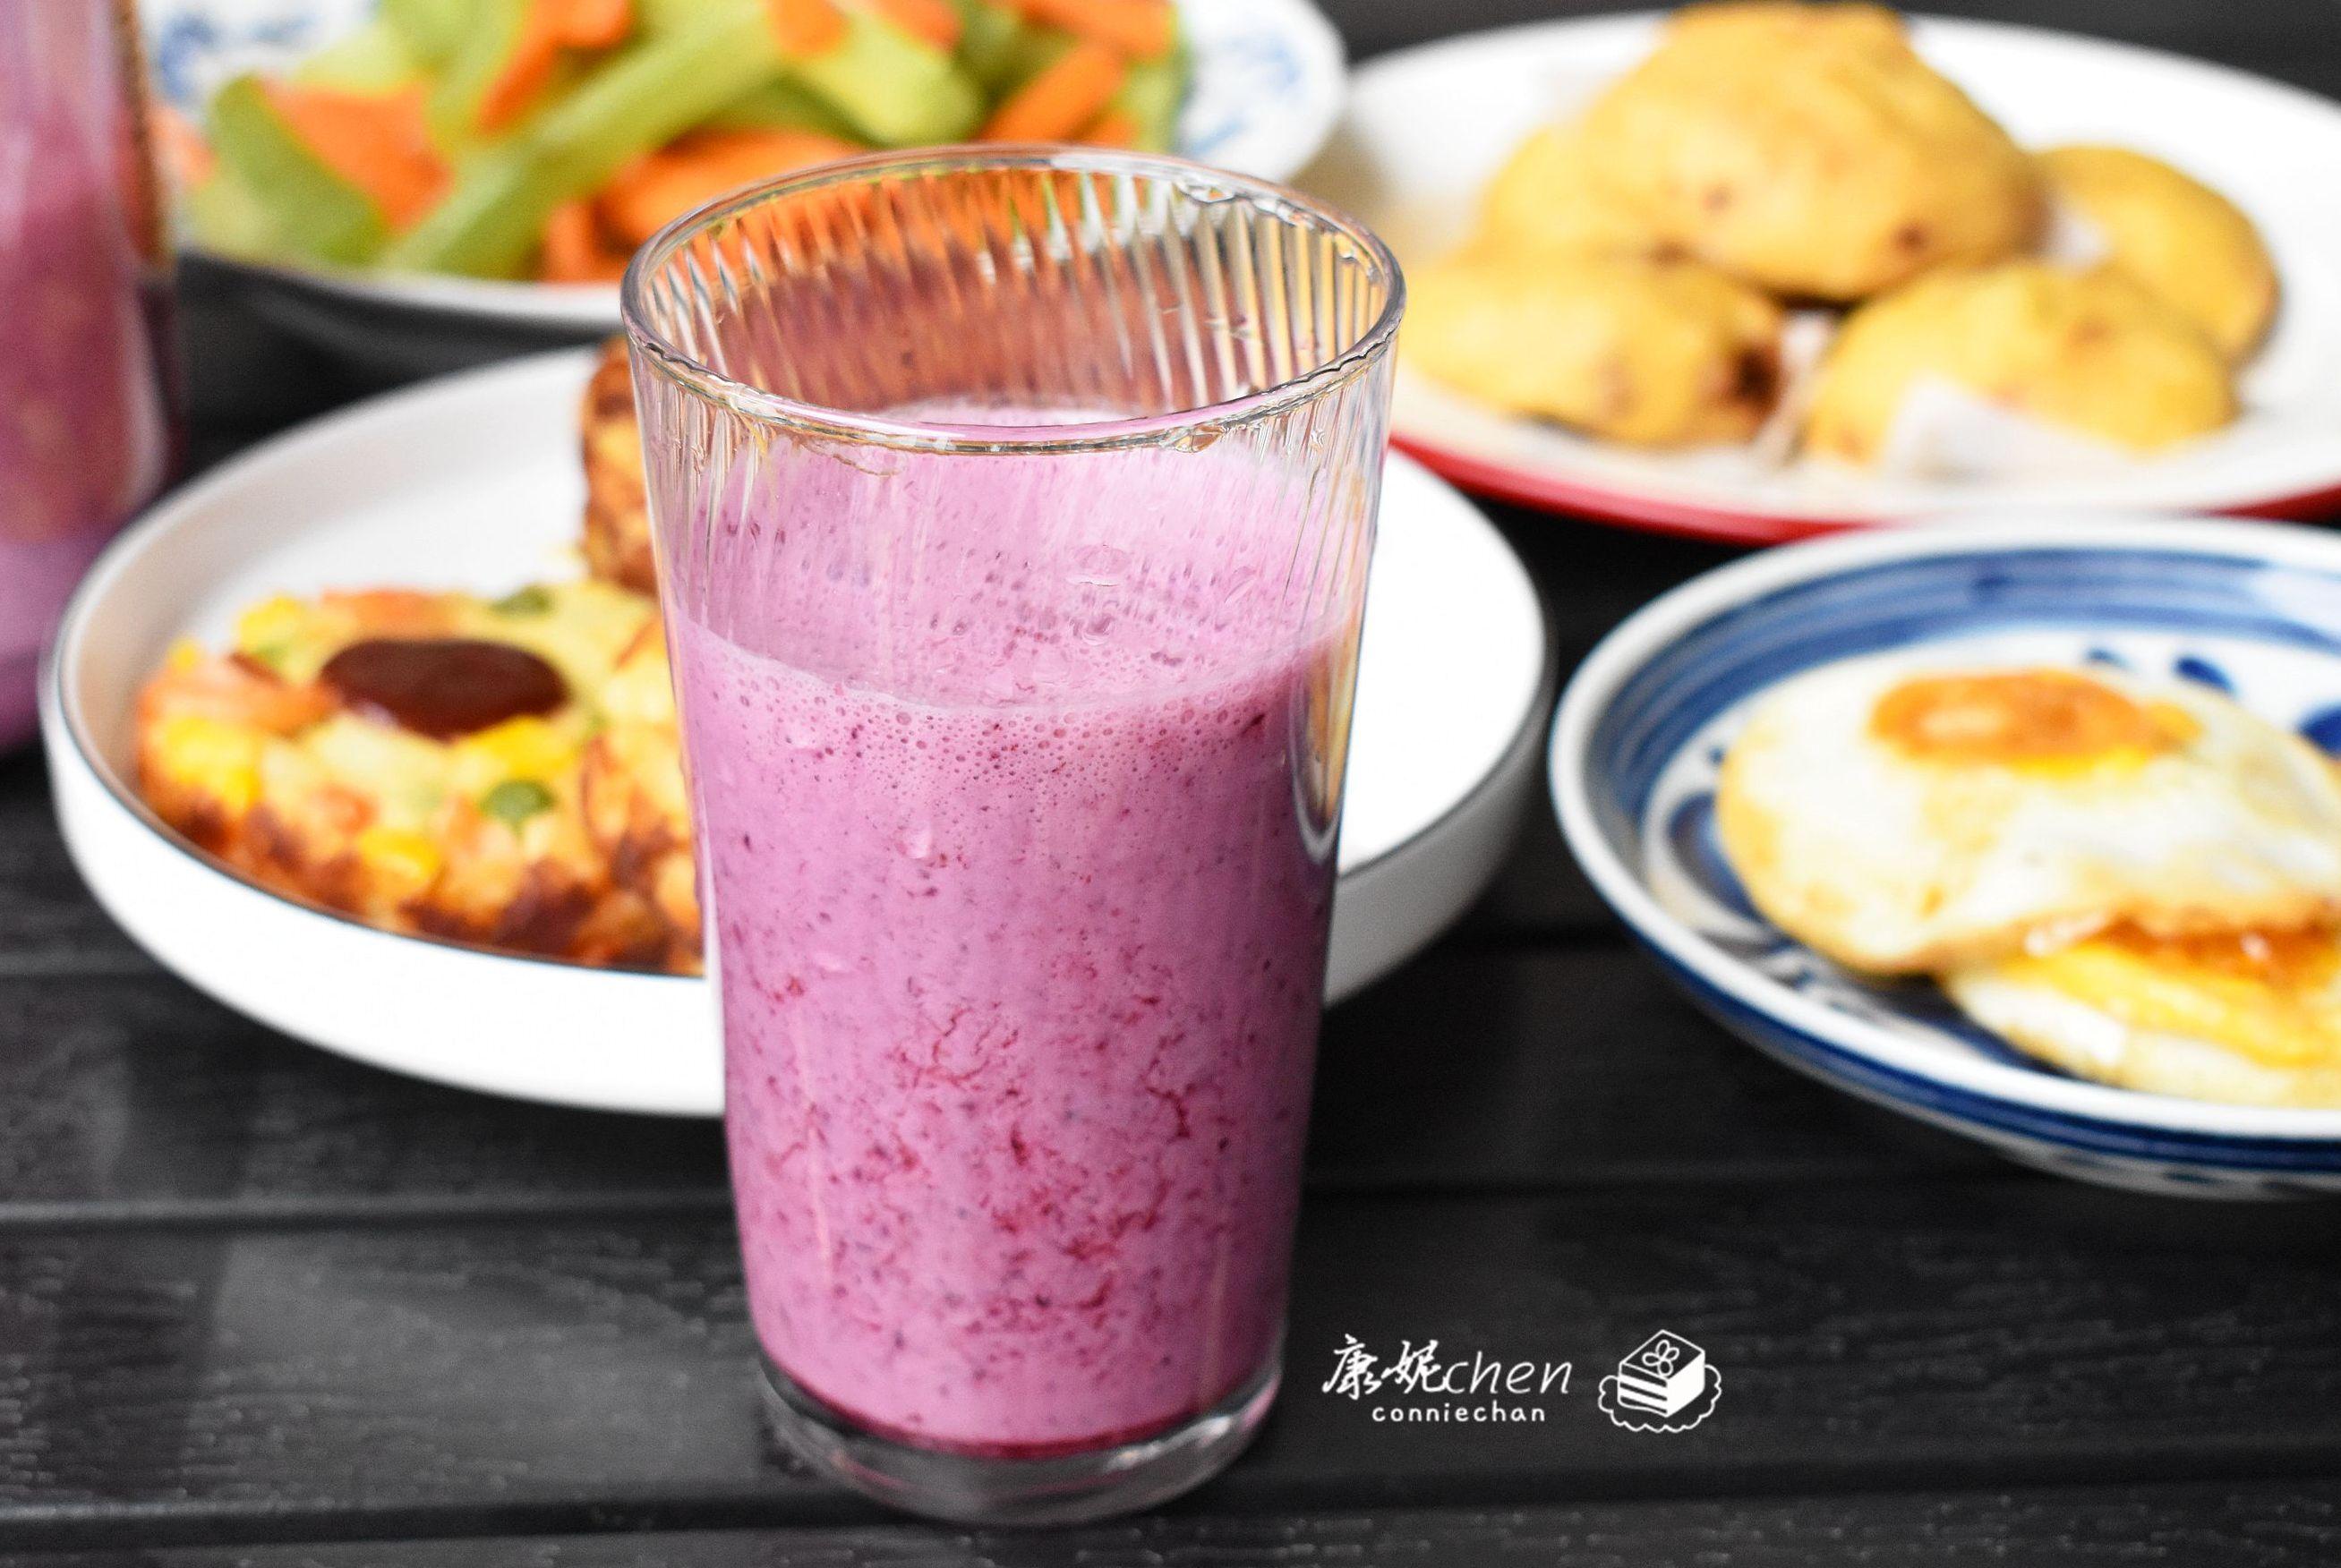 6款早餐饮品营养又好喝,做法简单,1分钟学会,为家人健康做起来